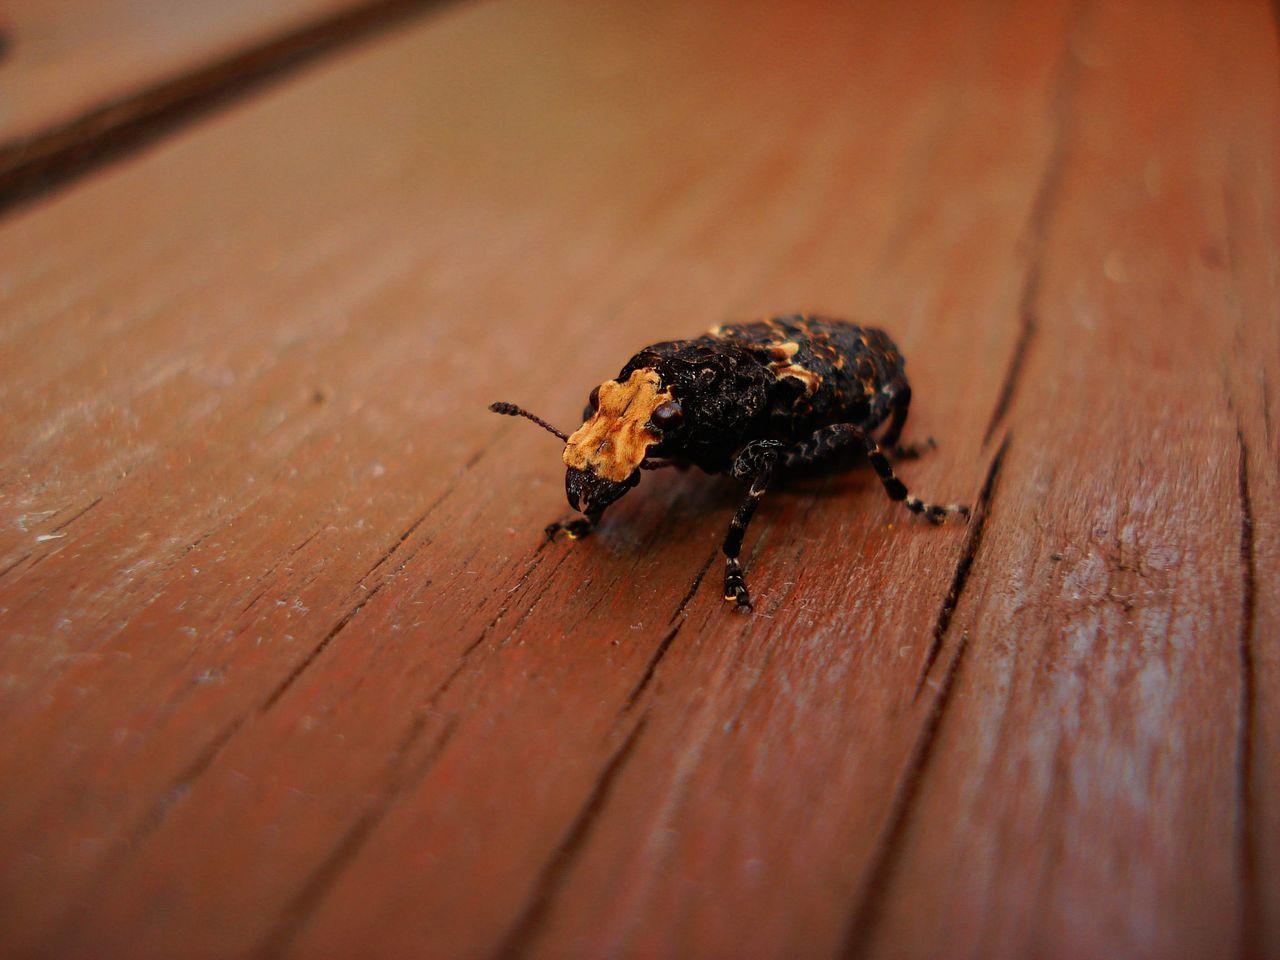 Portrait Insects  Extraterrestrial  Macro Bug Anthribidae Fungus Weevil Platyrhinus Resinosus Scarce Fungus Weevil